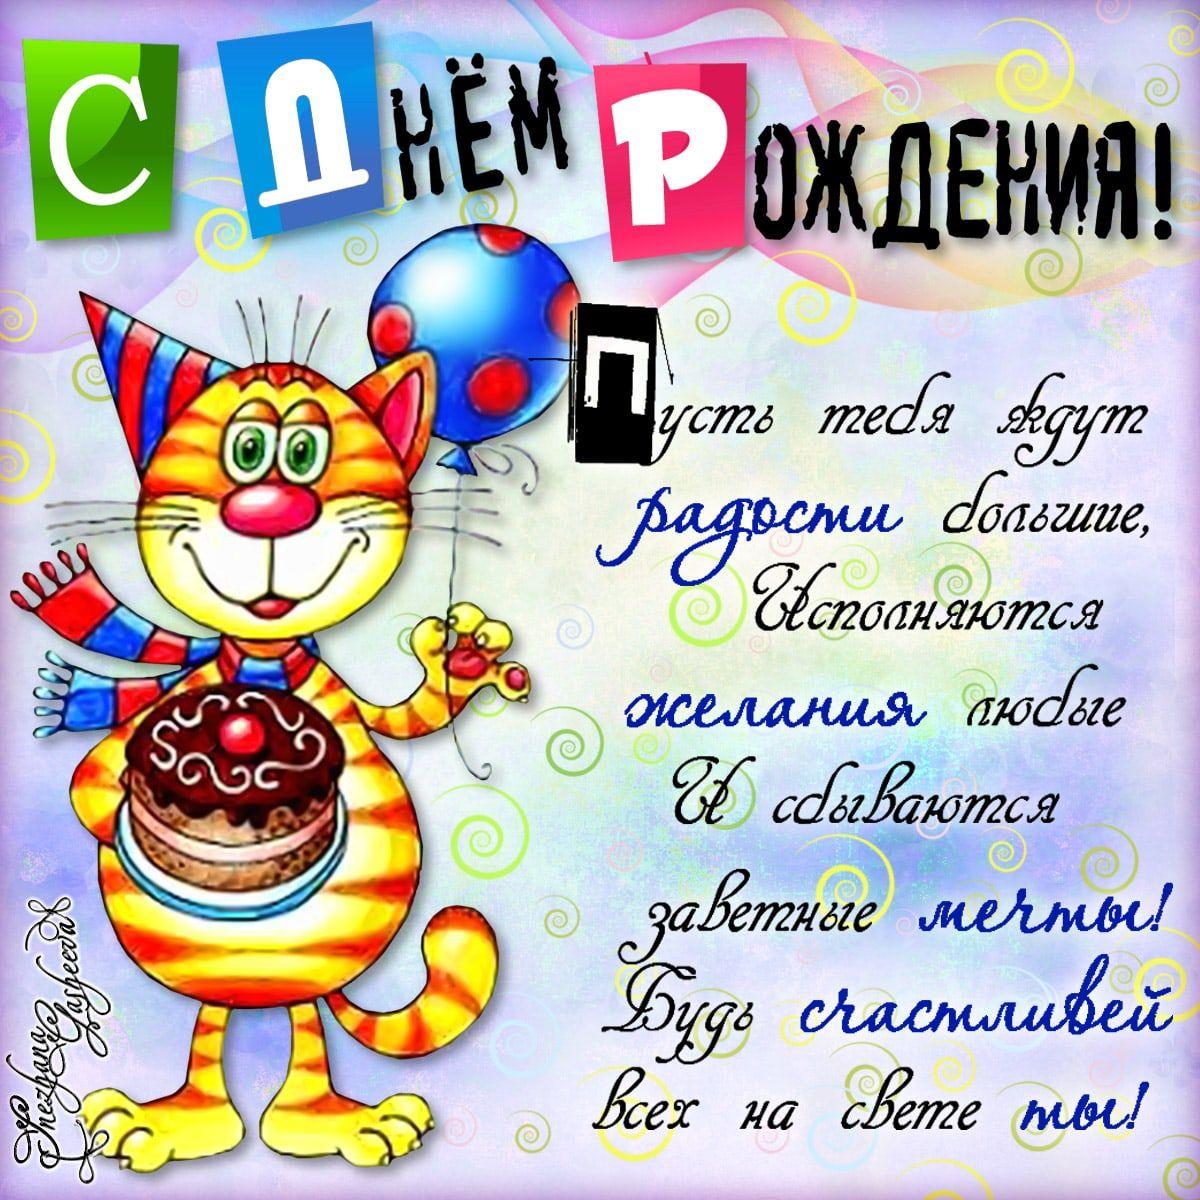 Поздравления С Днем Рождения Женщине Прикольные Але